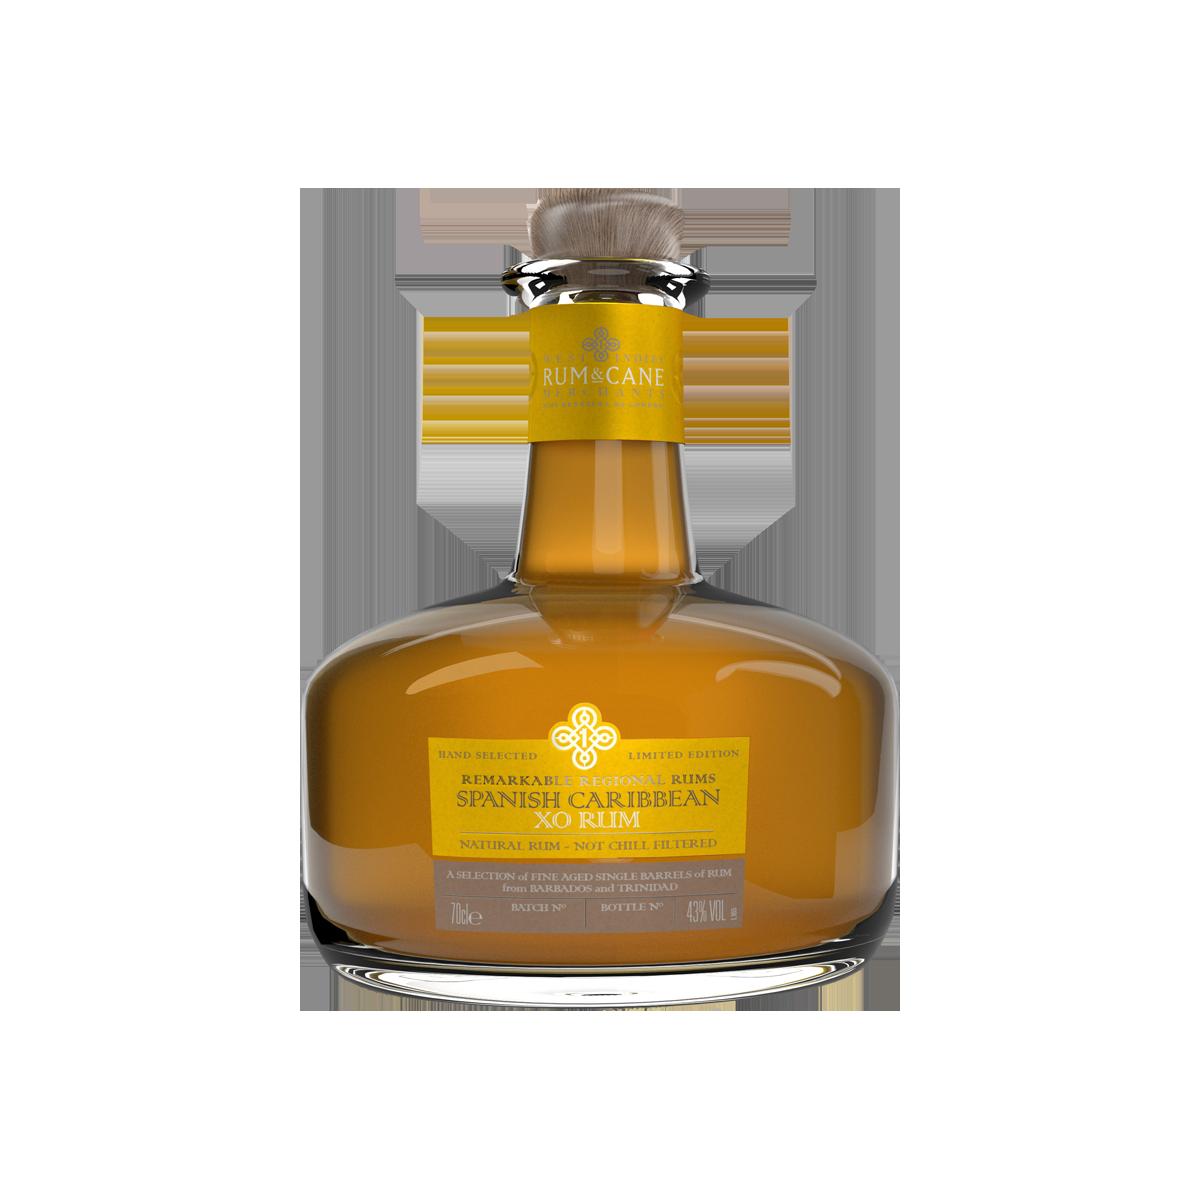 Rum & Cane Spanish Caribbeans XO Rhum 43%